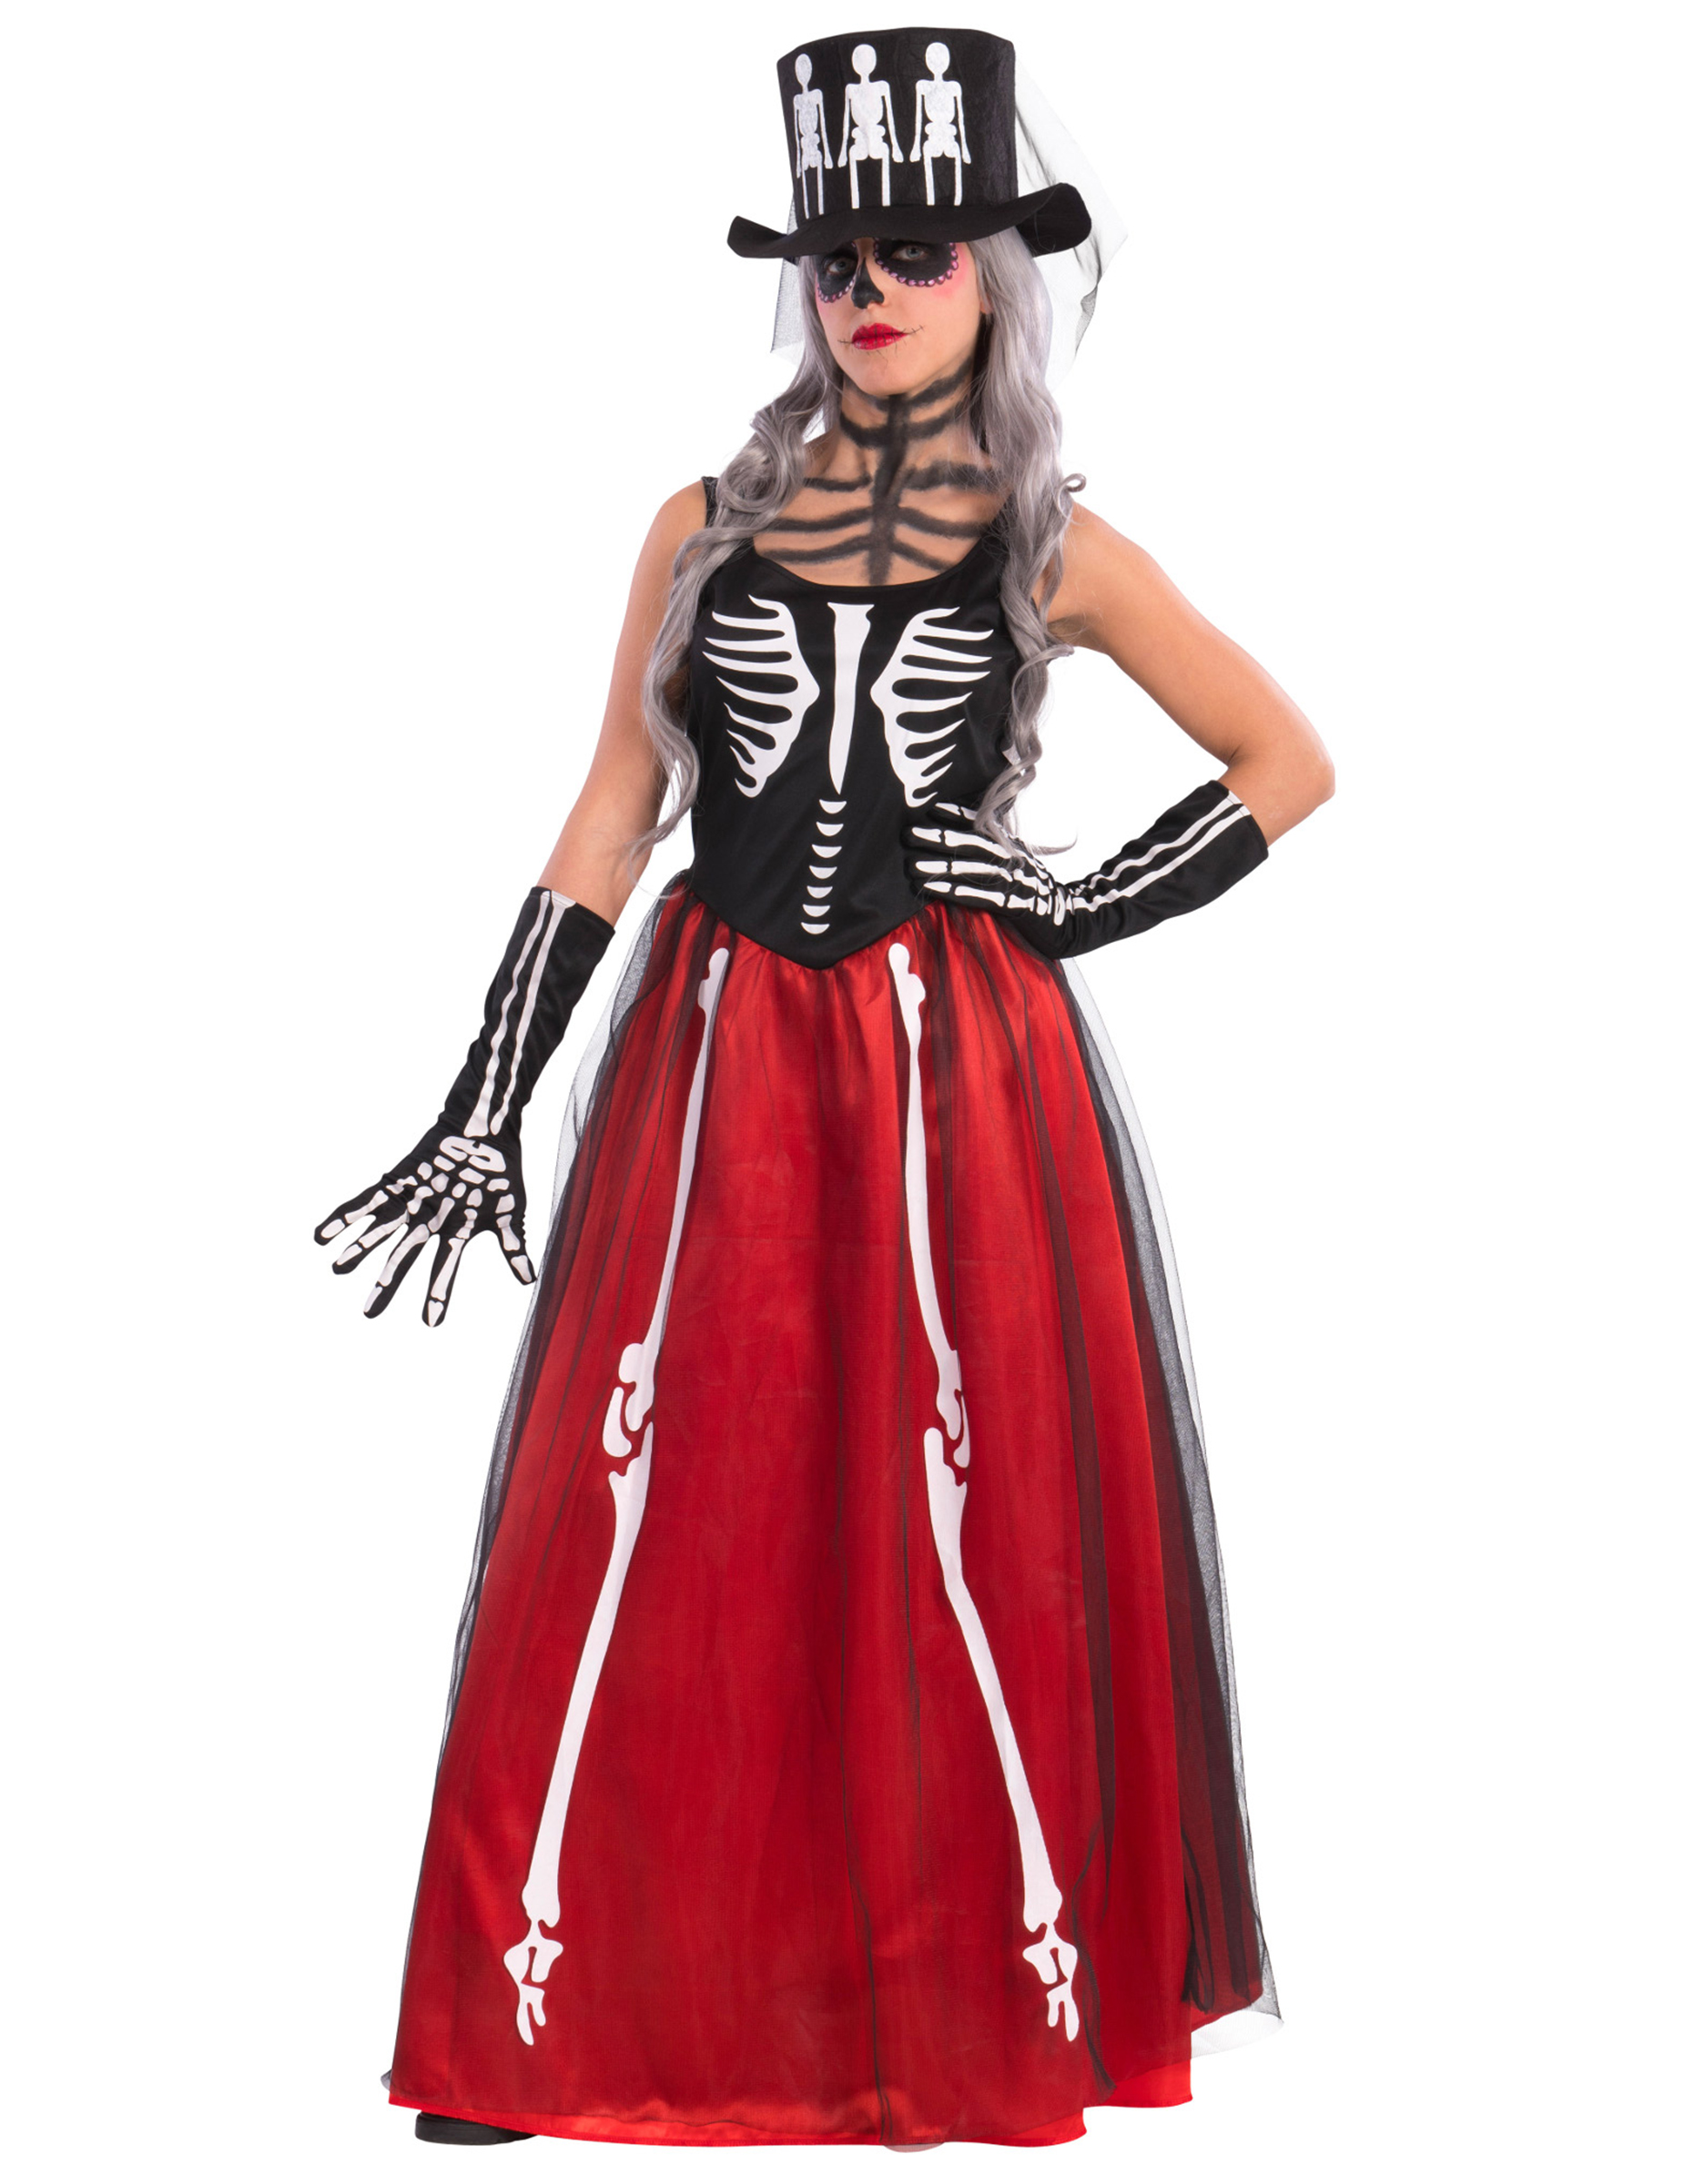 eab0e5386cc4de Elegante skeletten jurk voor dames  Volwassenen kostuums